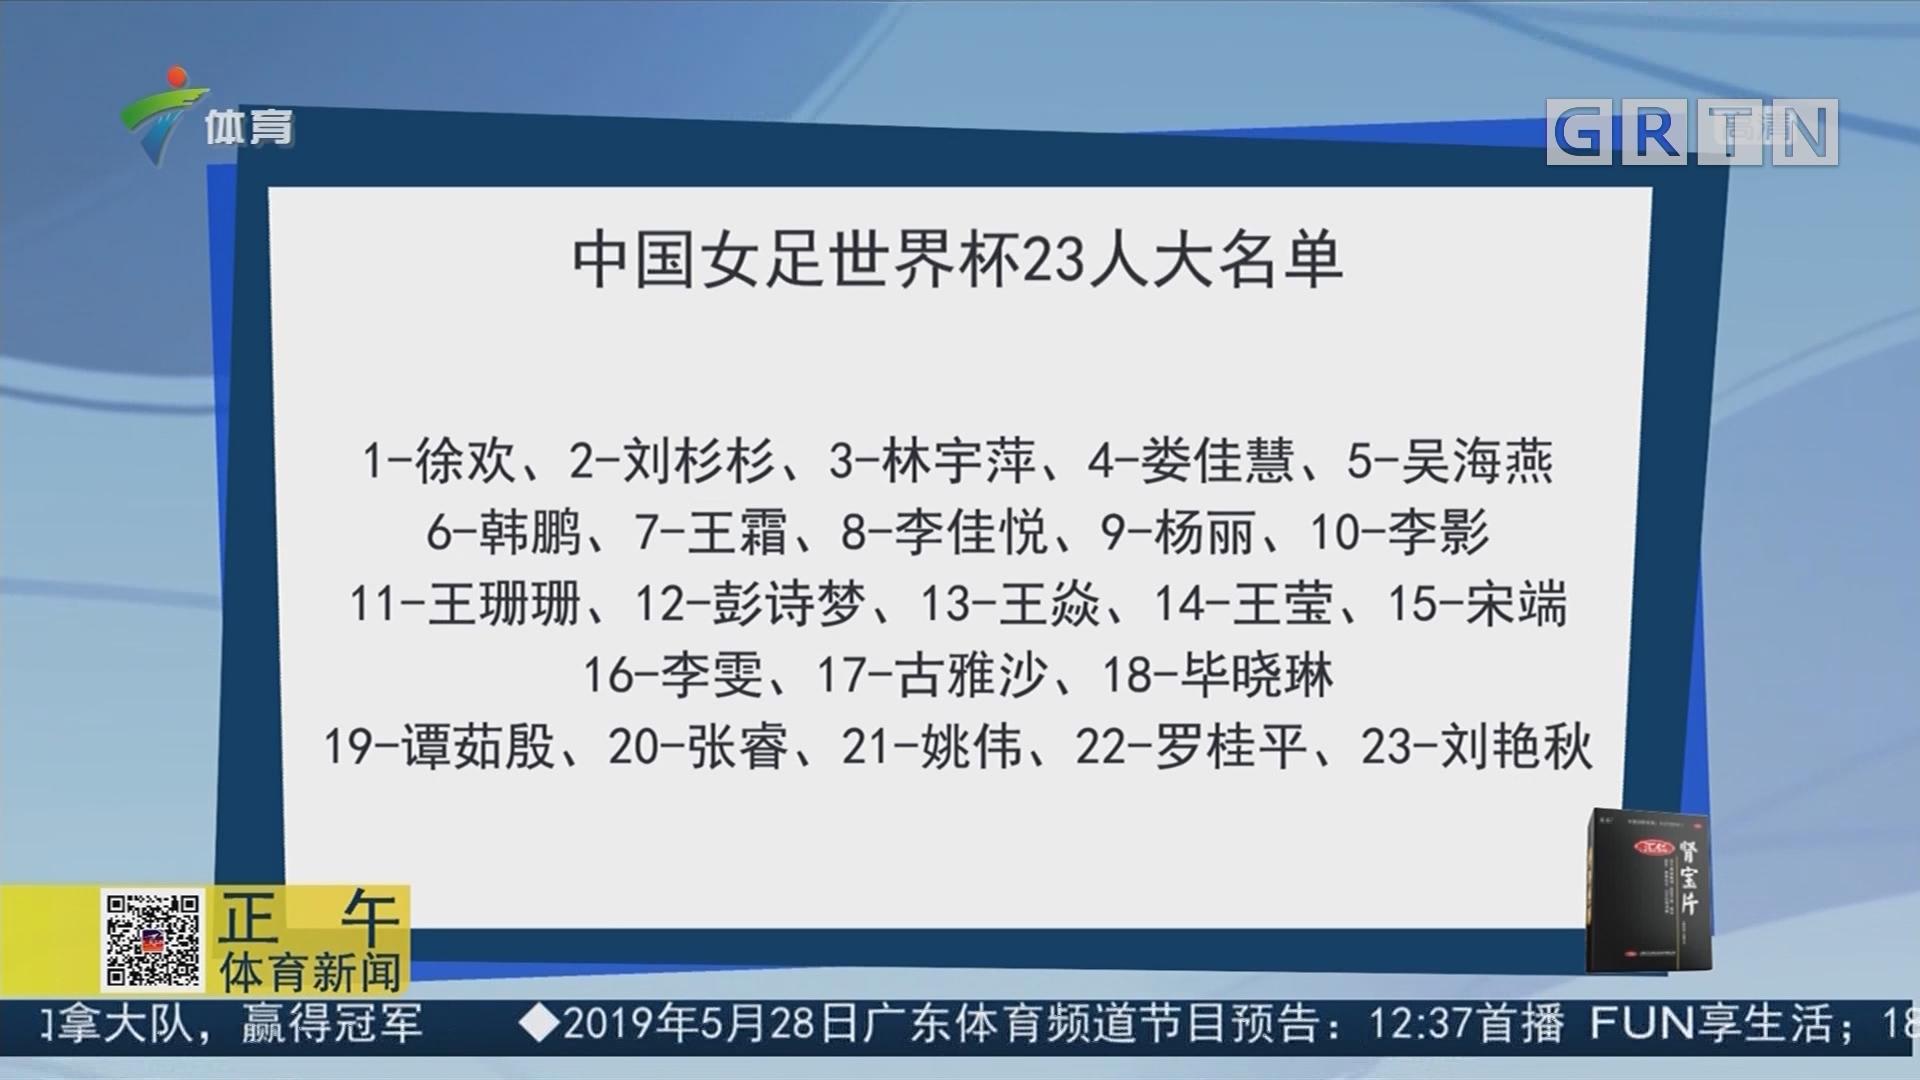 中国女足世界杯23人大名单